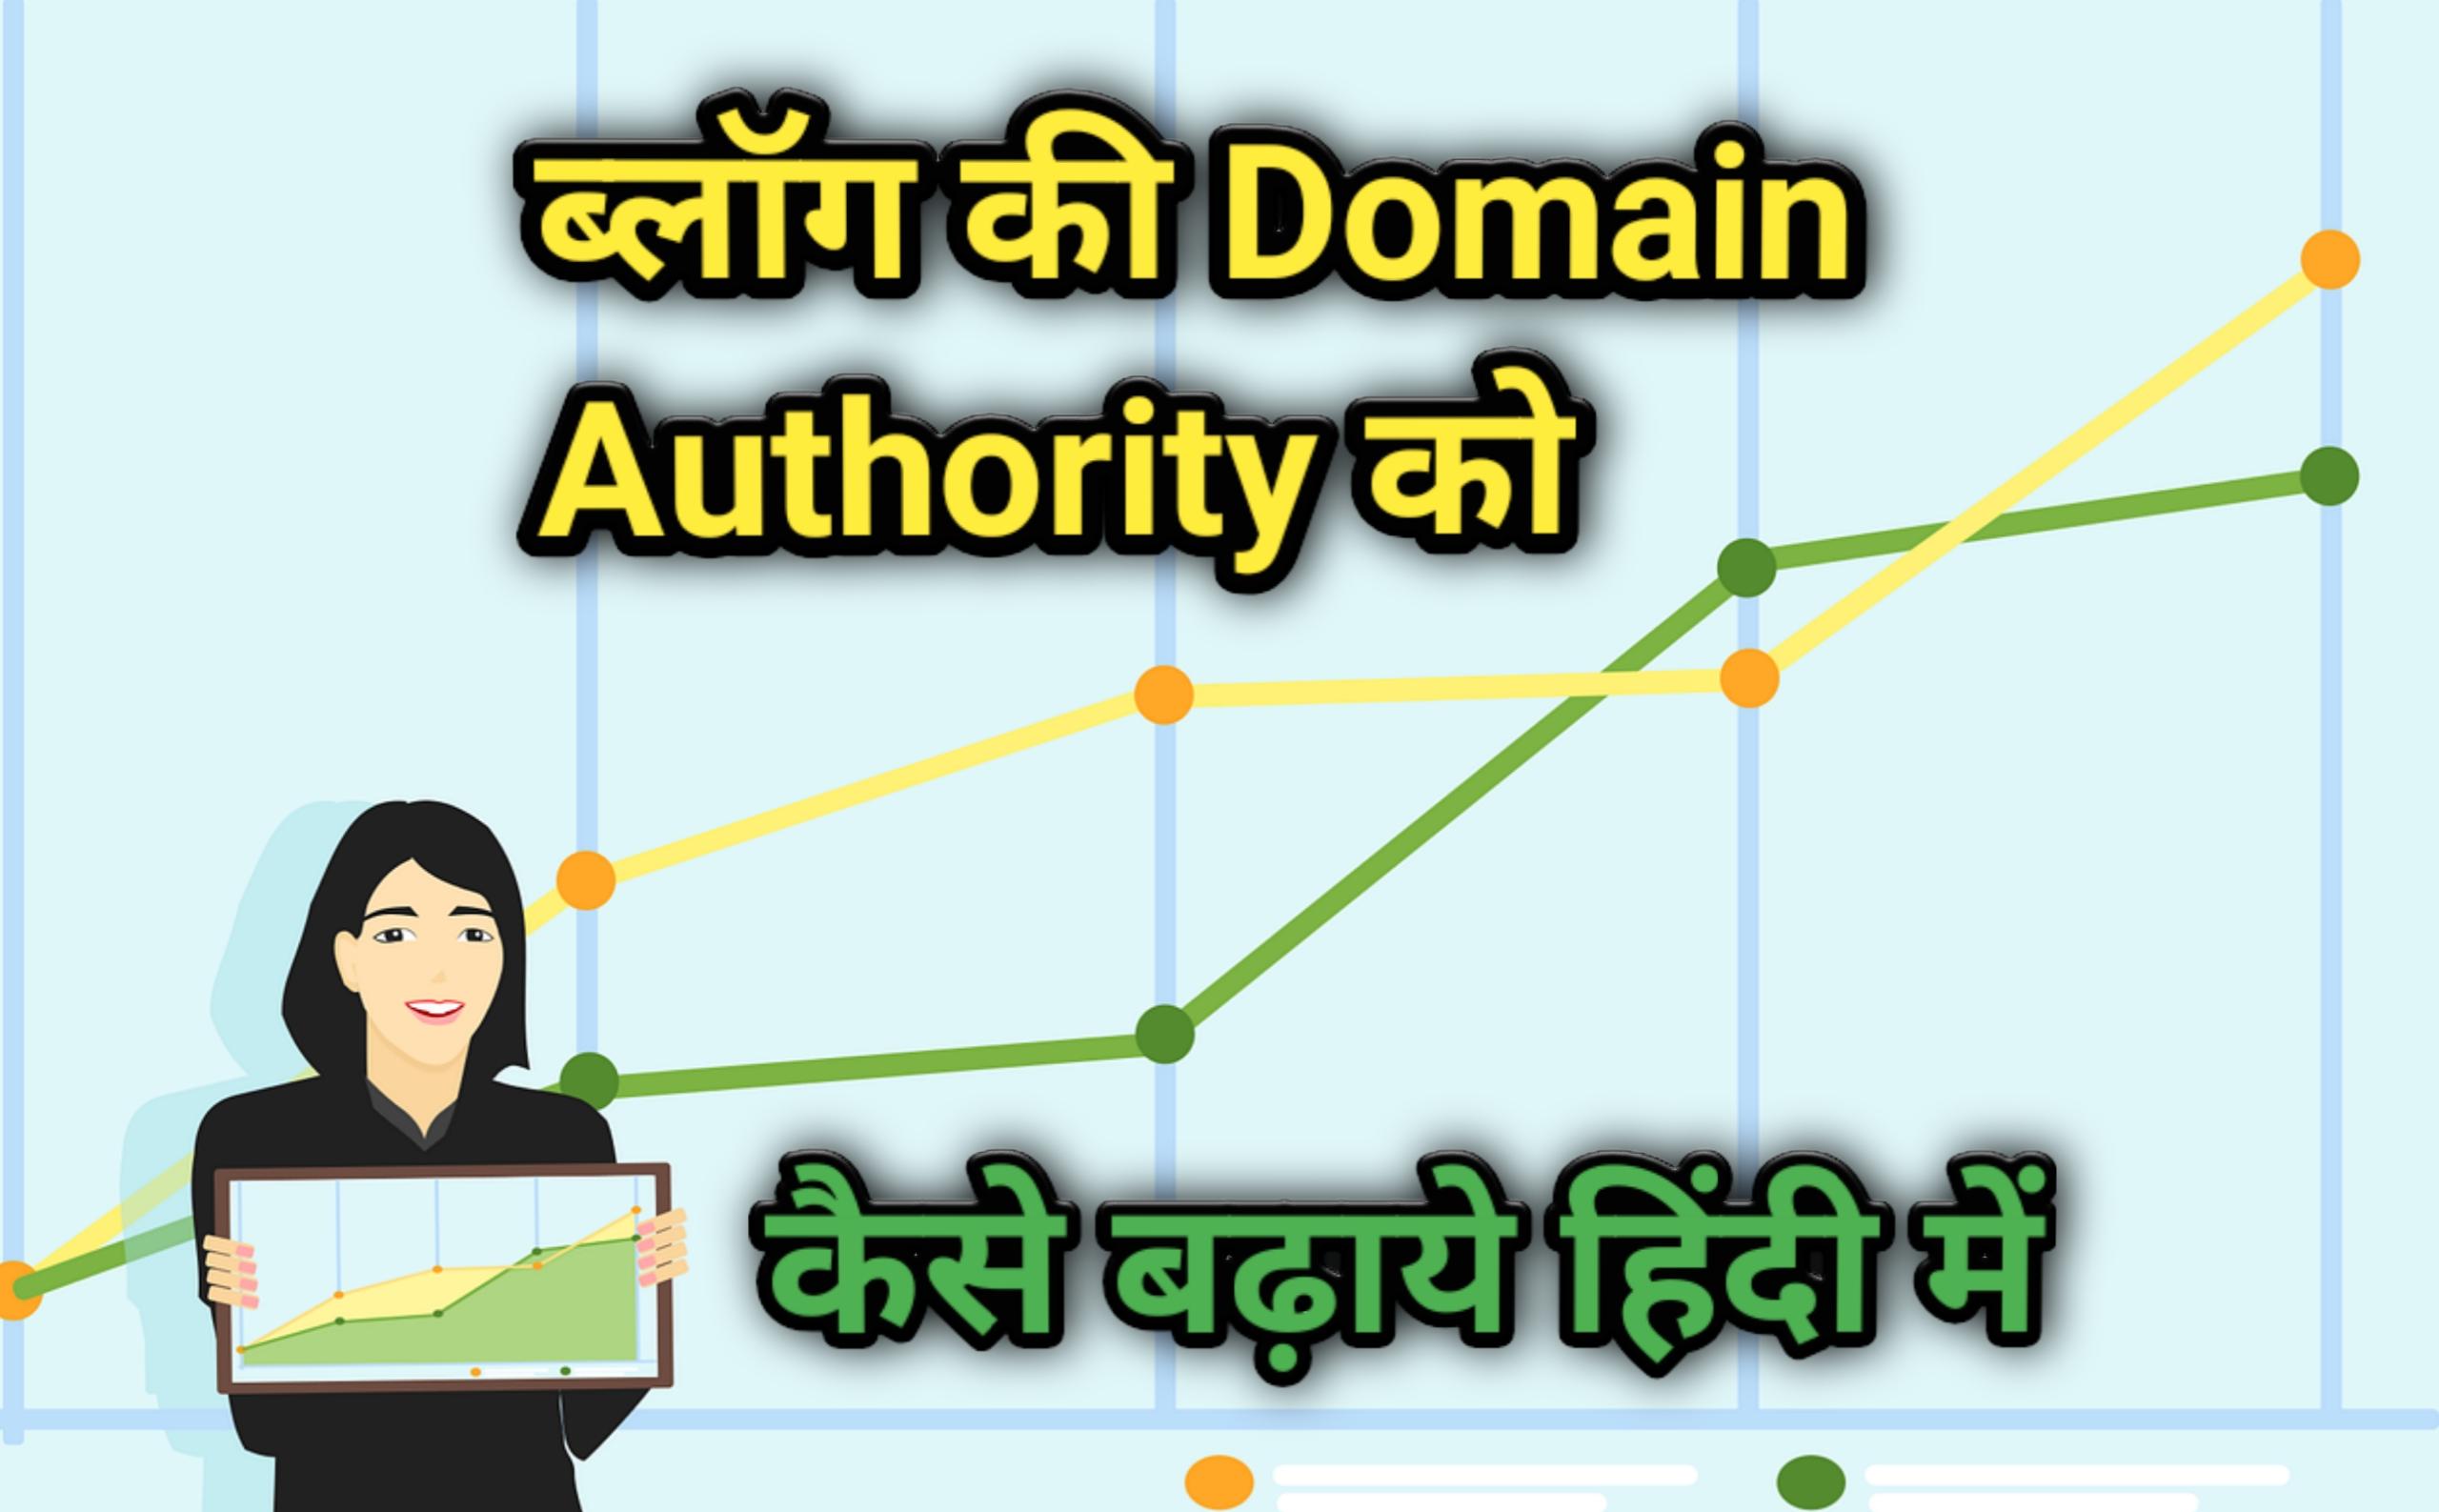 ब्लॉग वेबसाइट की Domain Authority Kaise Badhaye 2020 - 15 Tips हिंदी में